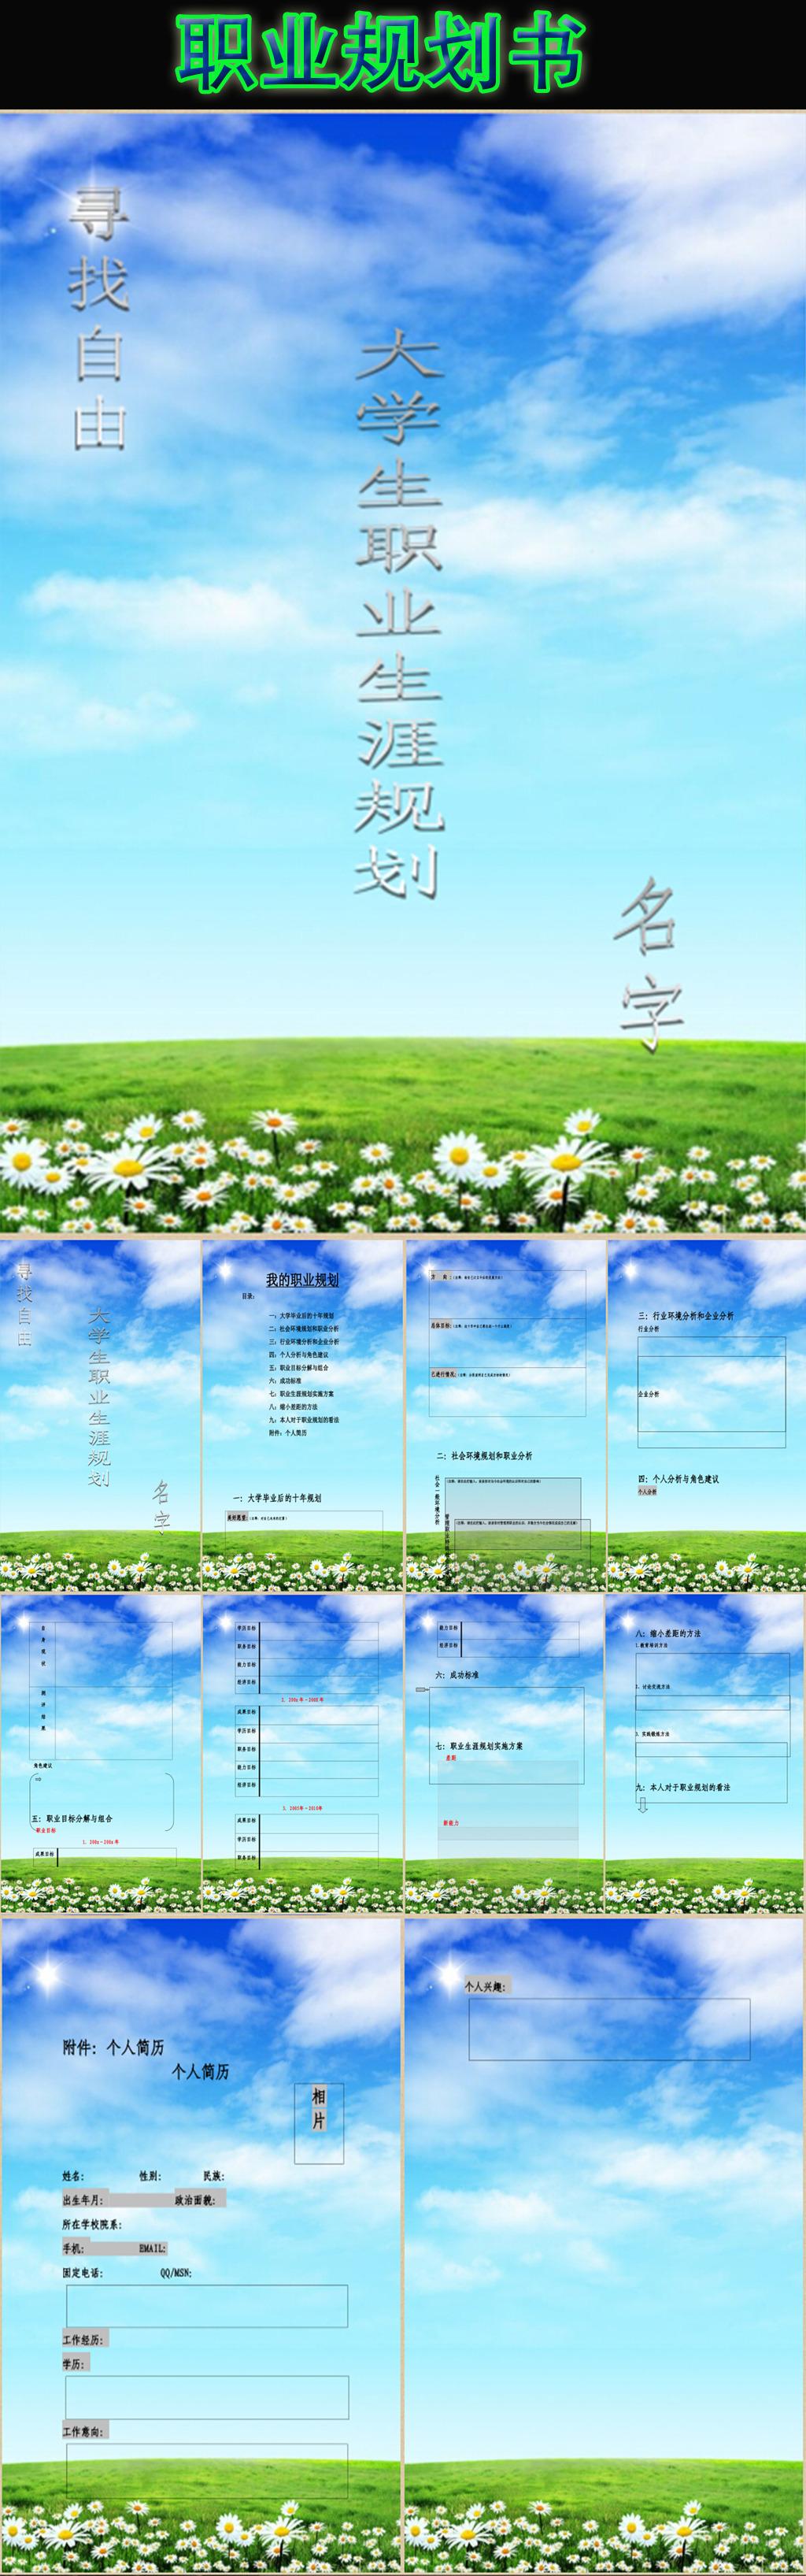 职业规划书模板下载 职业规划书图片下载 职业 规划书 大学生 职业